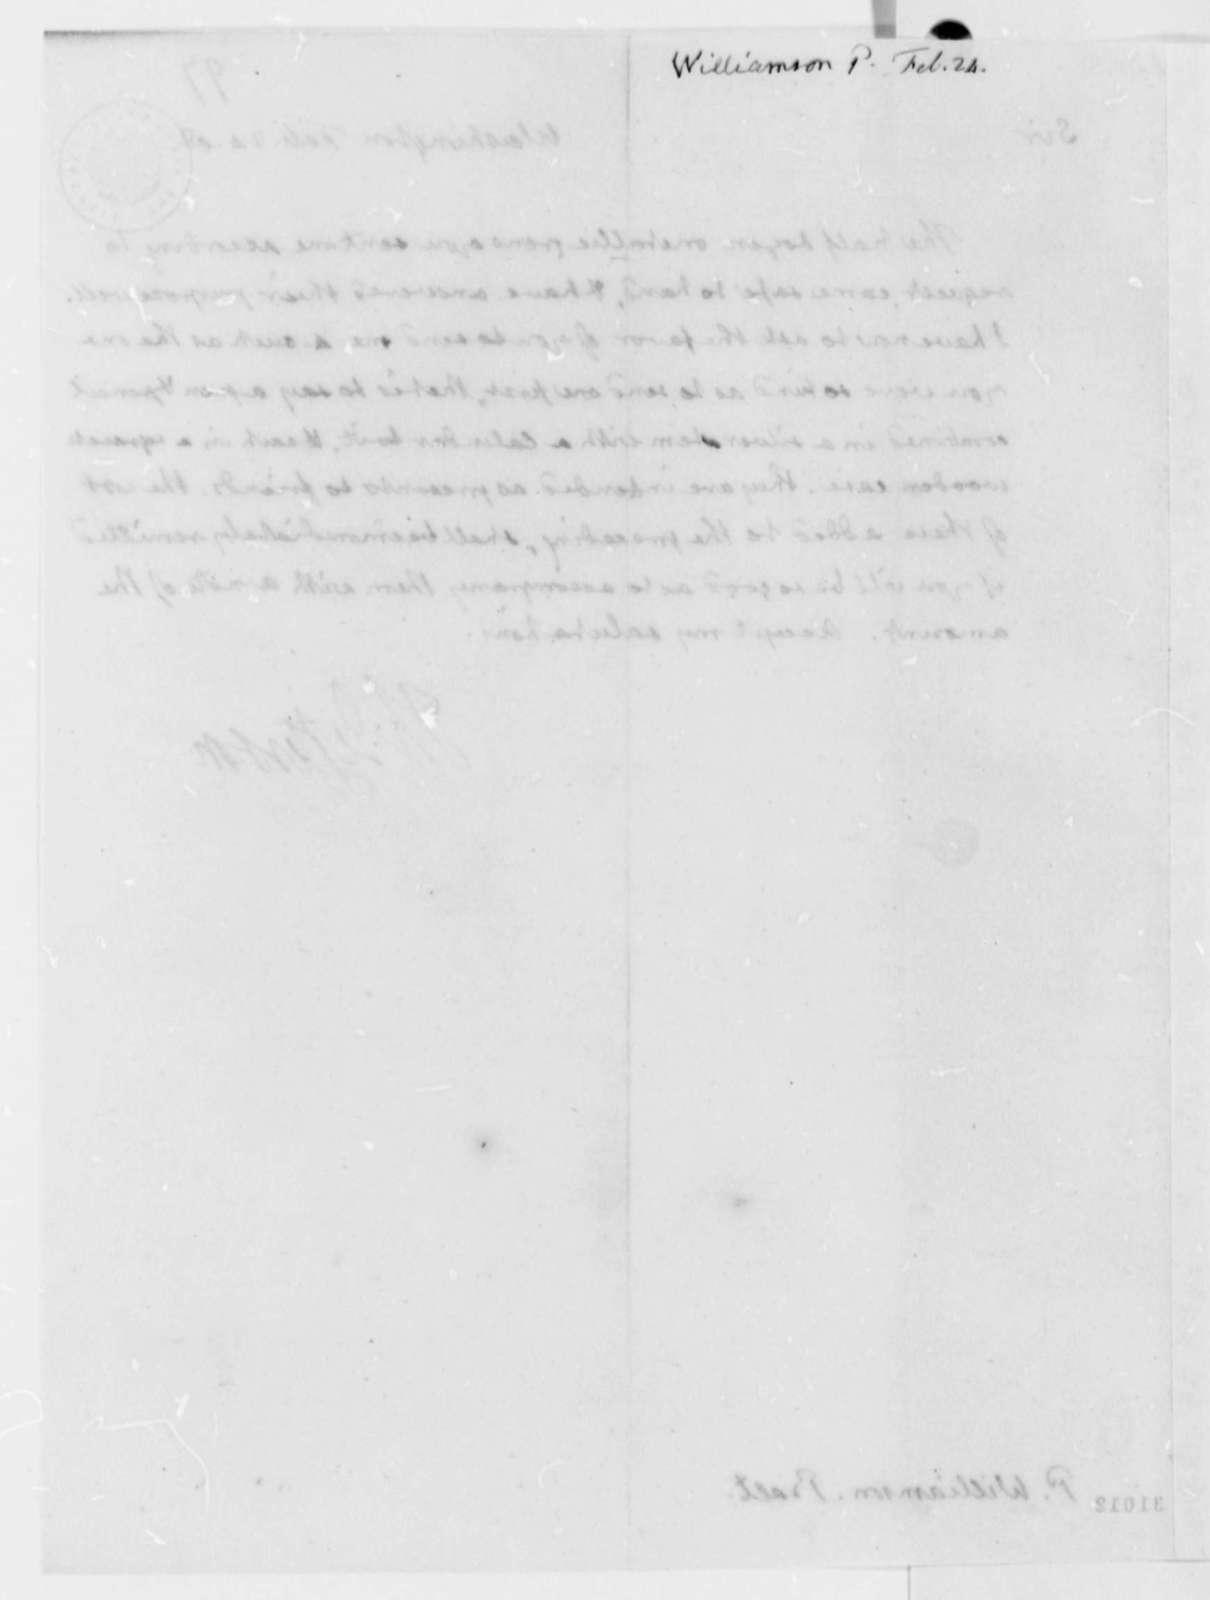 Thomas Jefferson to P. Williamson, February 24, 1809